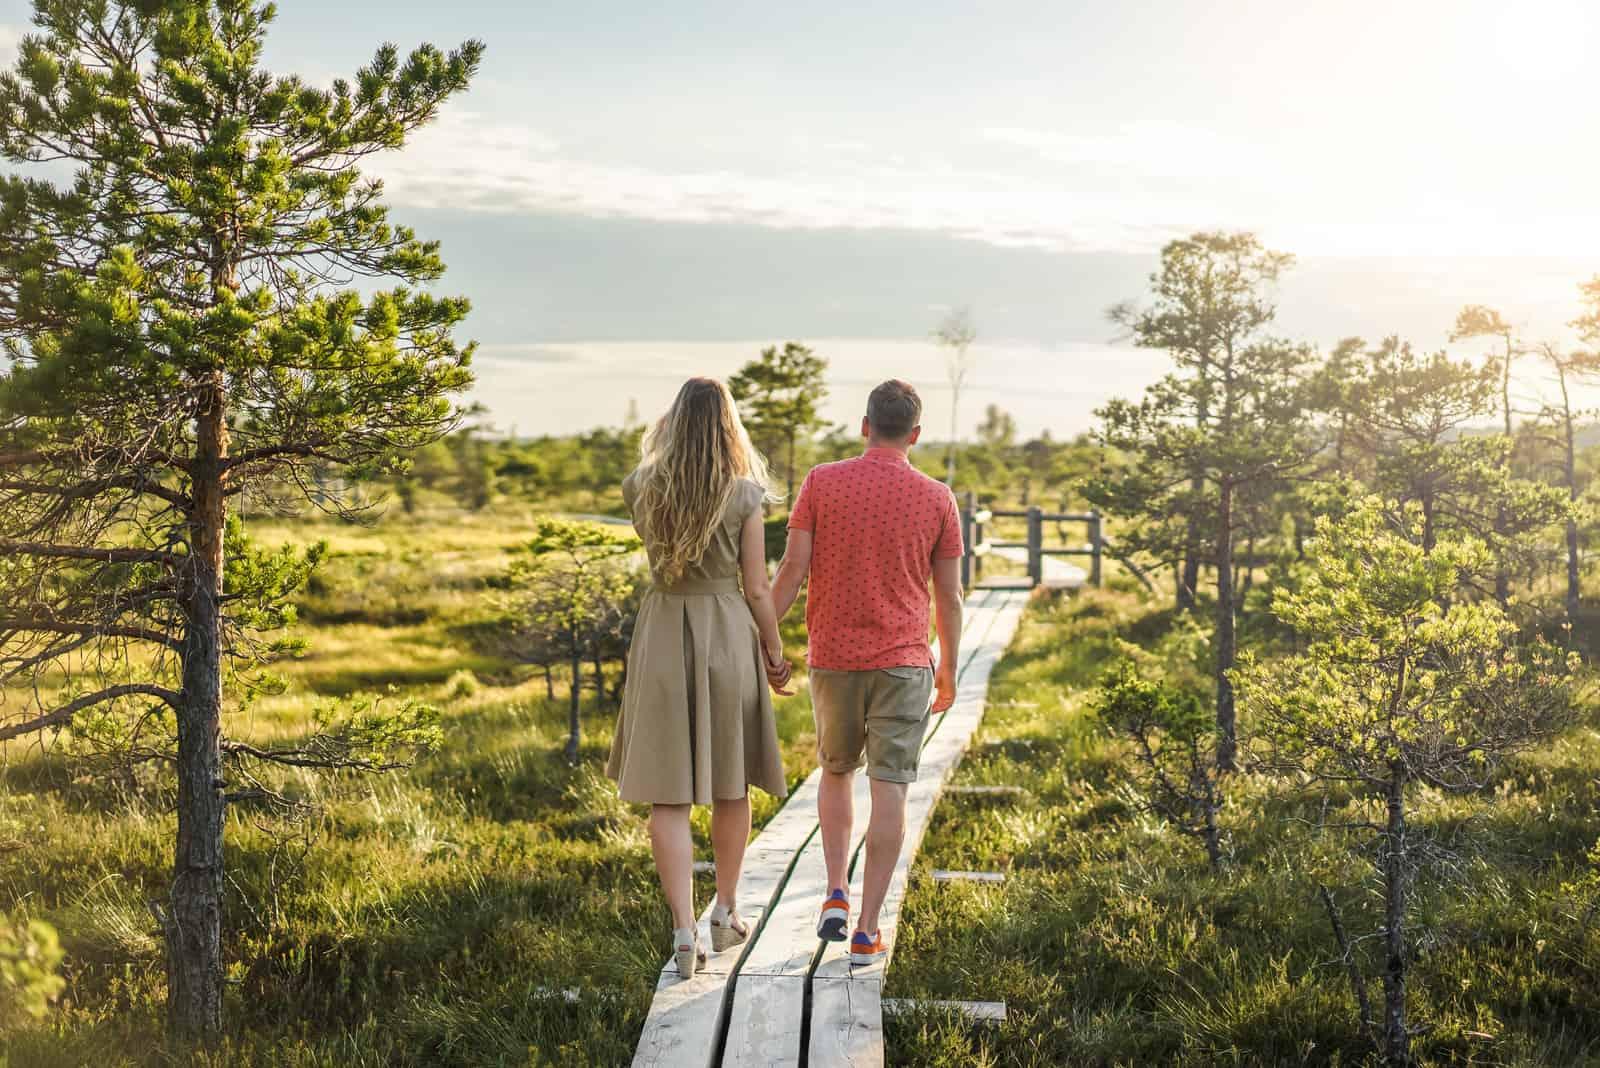 un homme et une femme marchent dans le parc